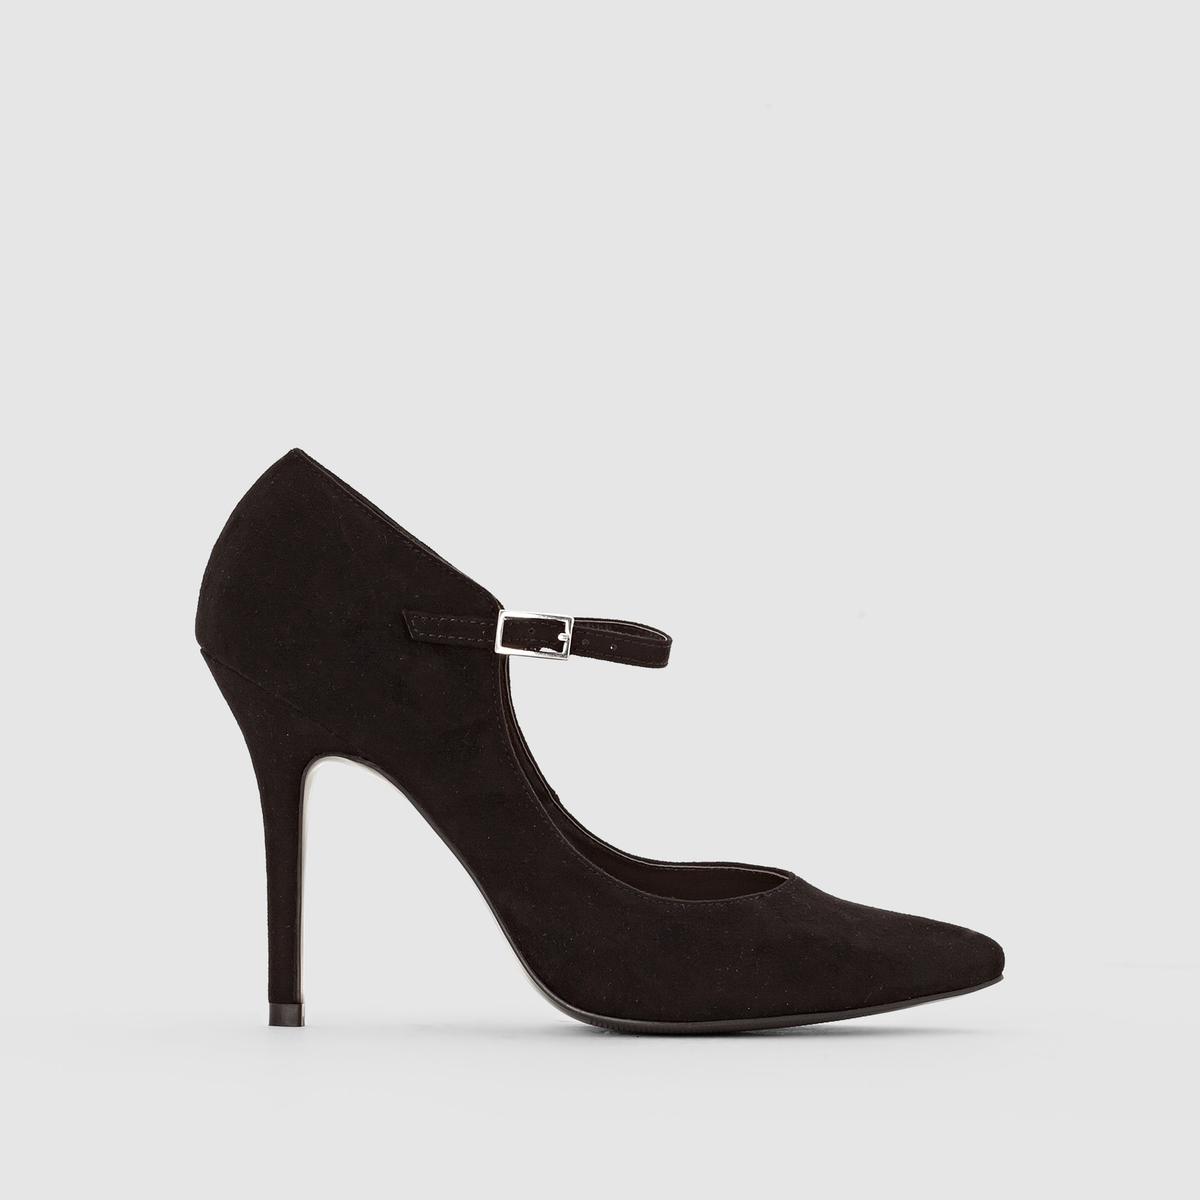 Туфли из искусственной замши с пряжкойМарка :  R ?ditionВерх : искусственная замшаПодкладка : синтетикаСтелька : синтетикаПодошва : из эластомераВысота каблука : 11,5 см Форма каблука : тонкийНосок : заостренныйПреимущества : женственная форма, отличная высота каблука для сногсшибательного силуэта<br><br>Цвет: черный